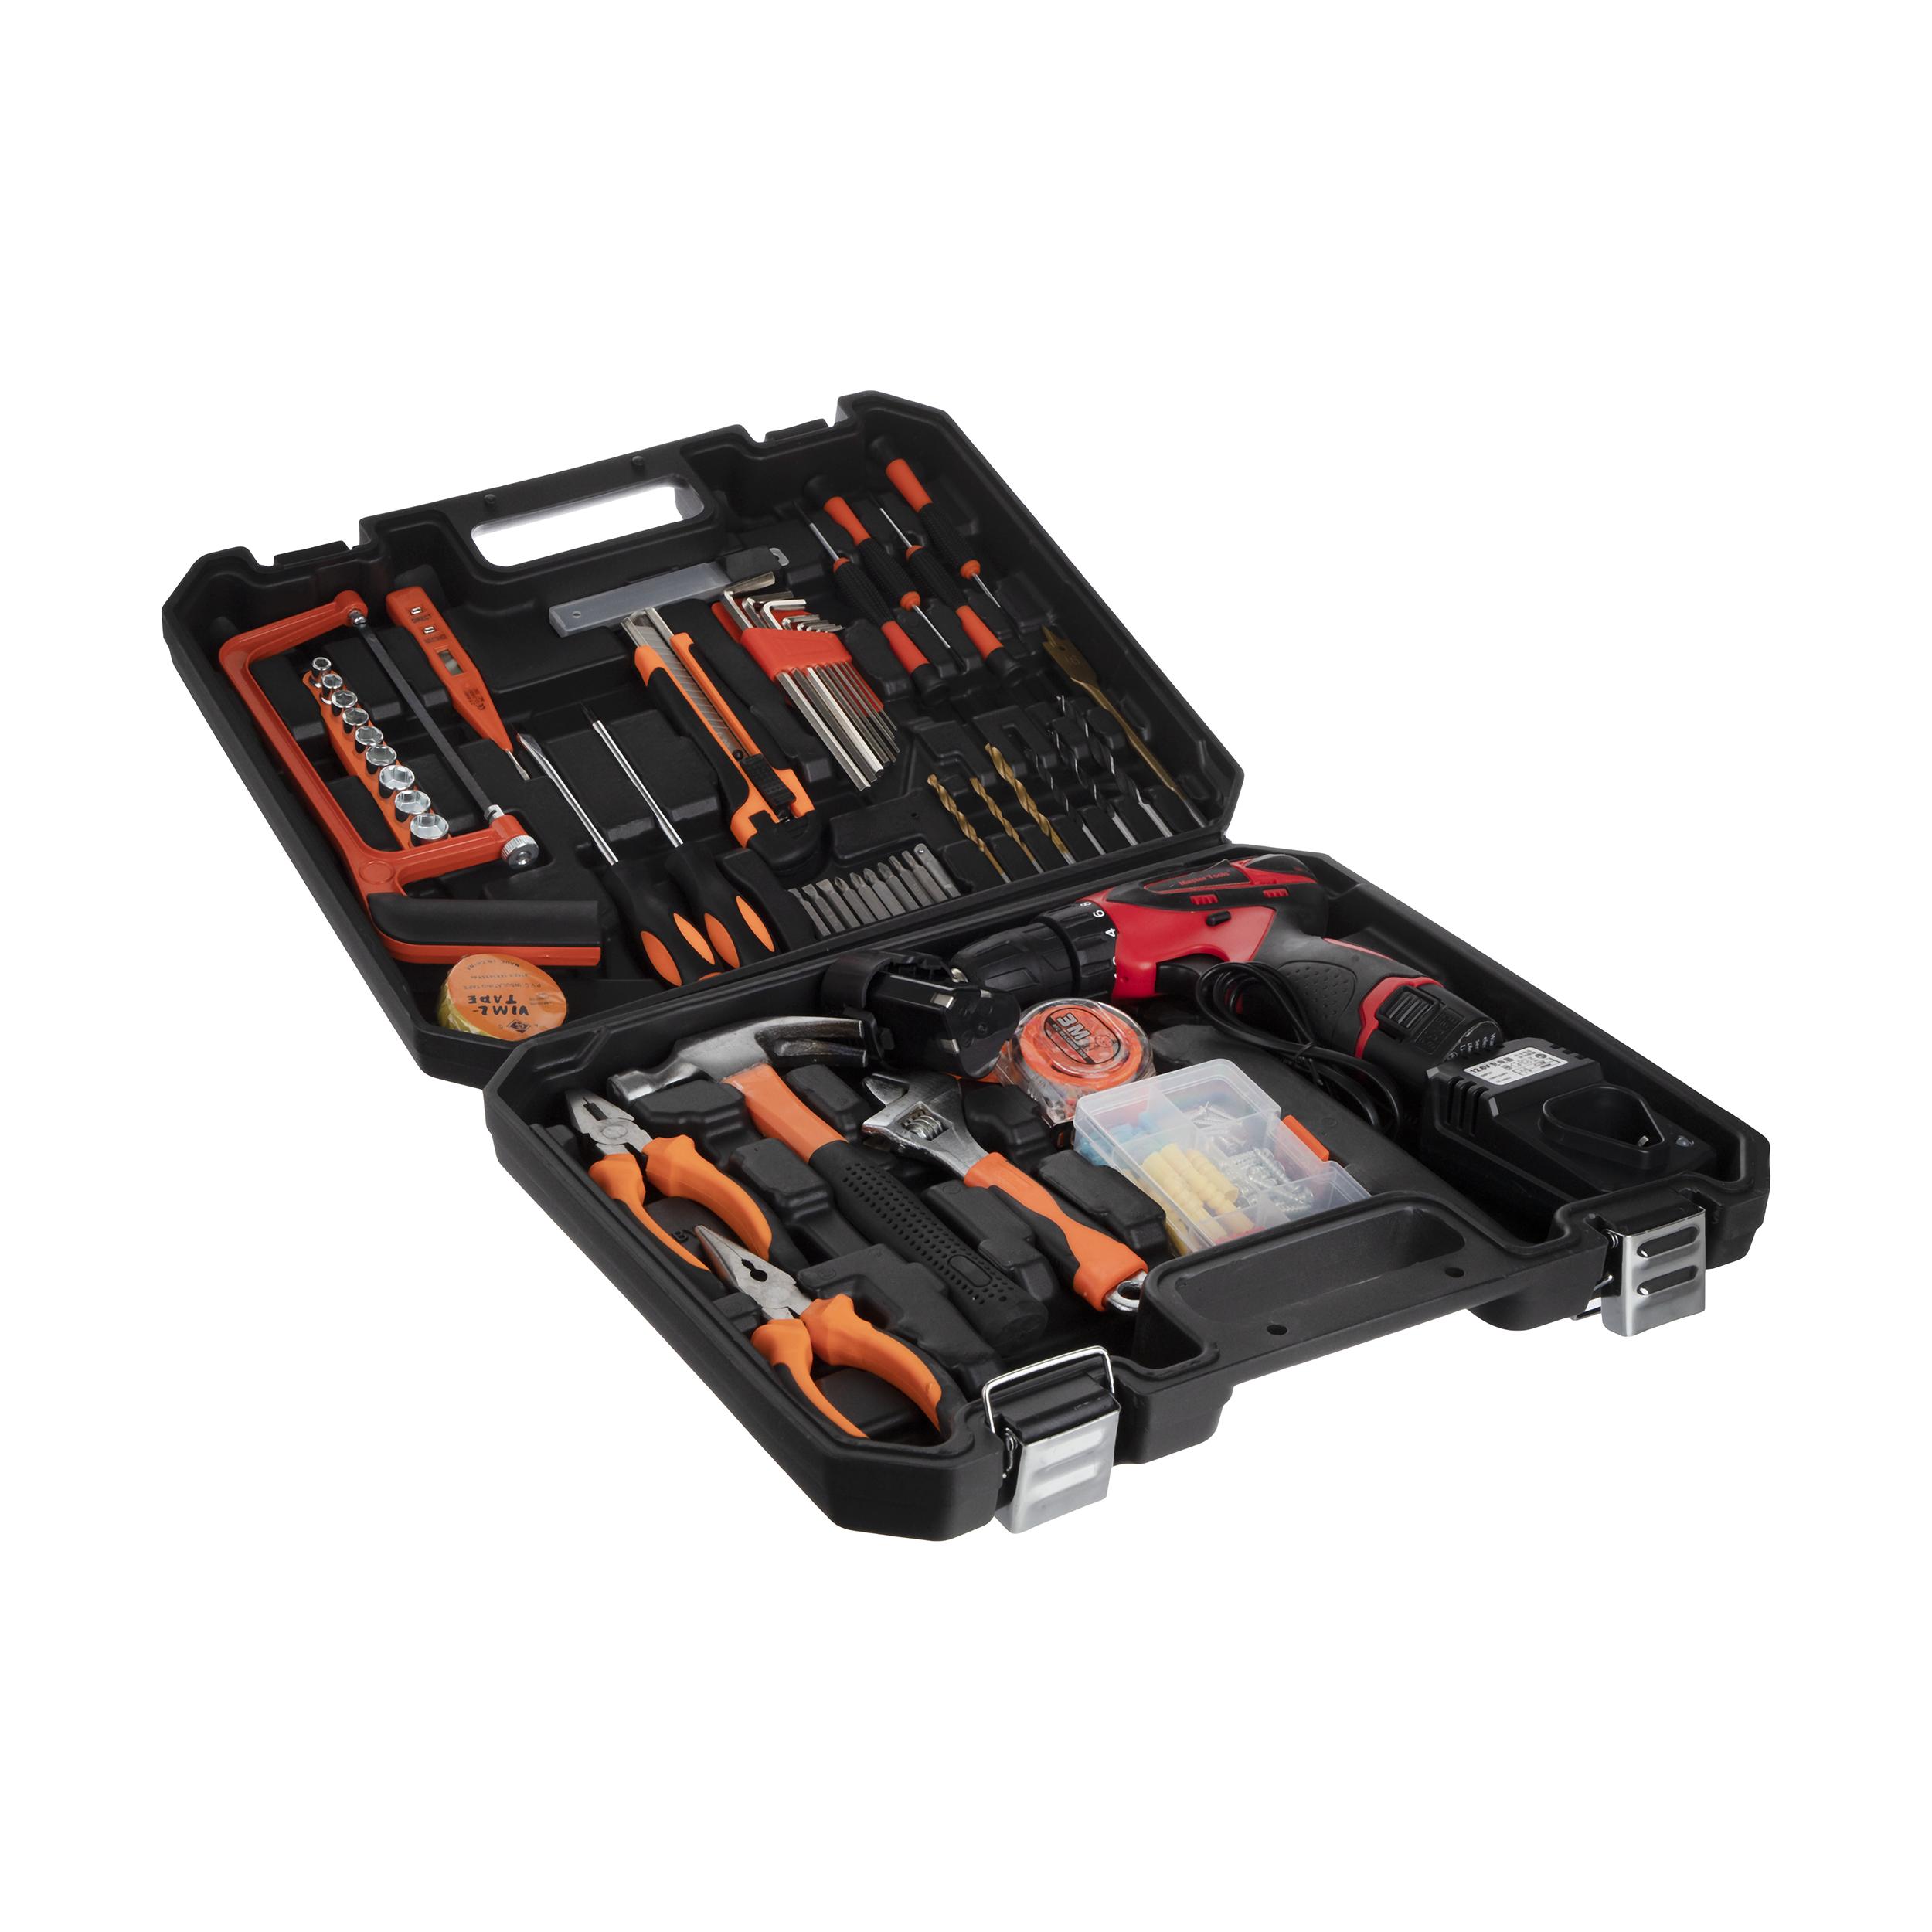 مجموعه 130 عددی ابزار مستر تولز کد 6013